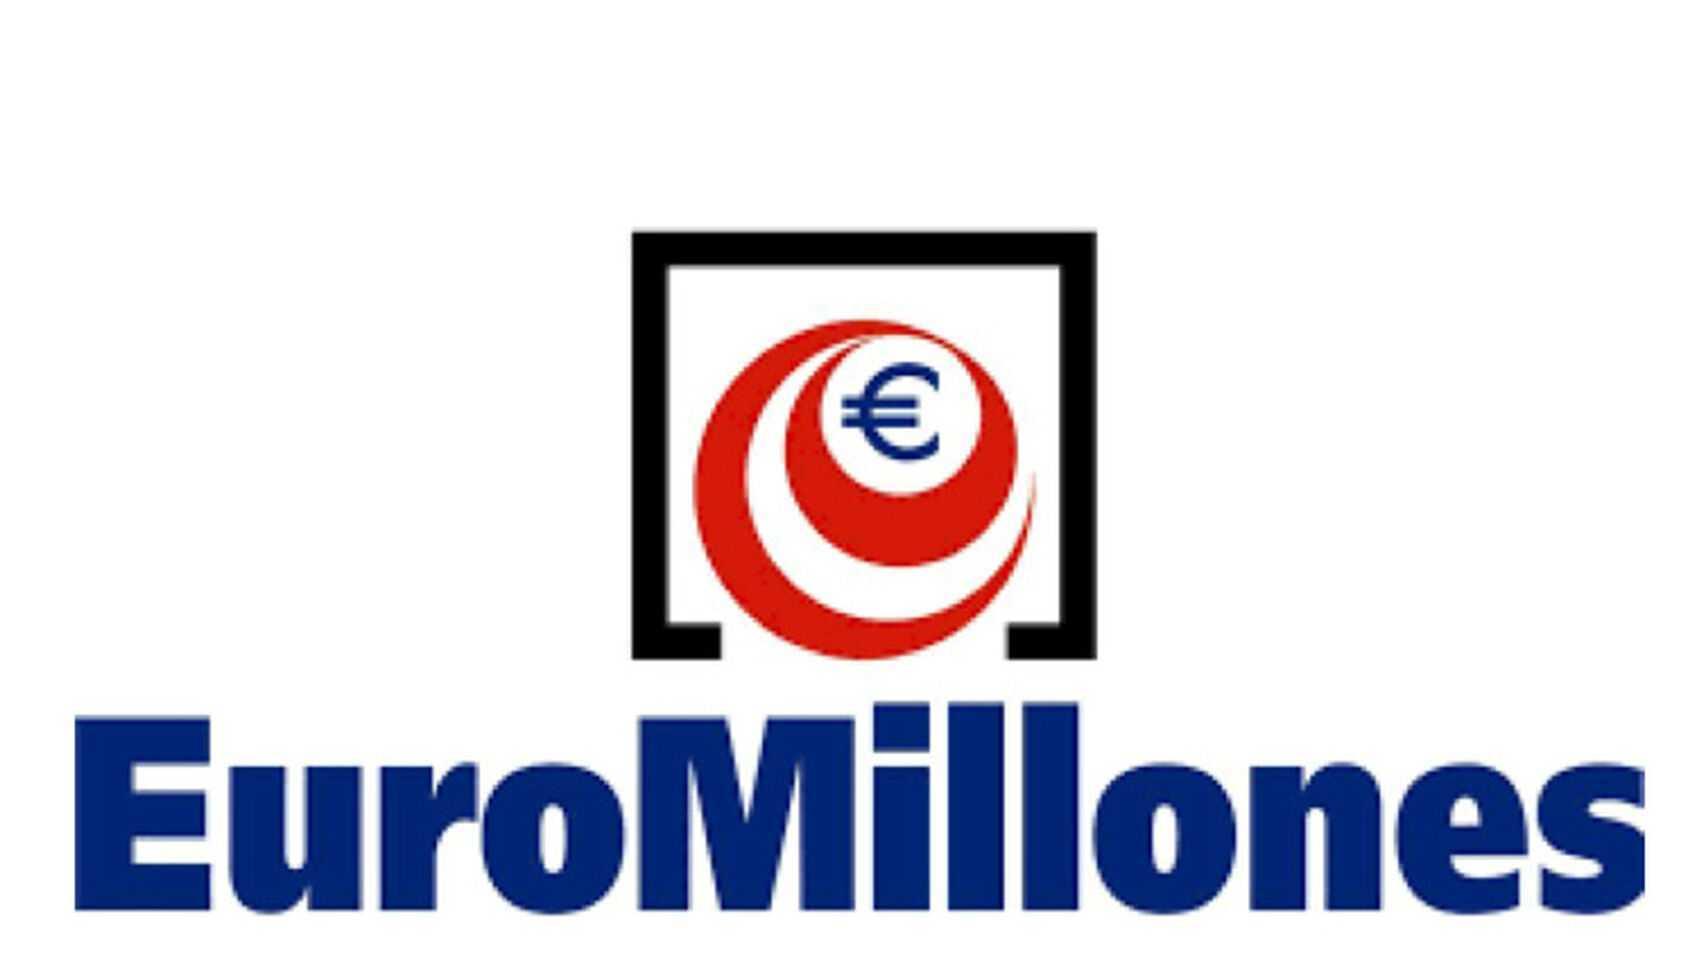 Евромиллион | крупнейшая официальная лотерея европы